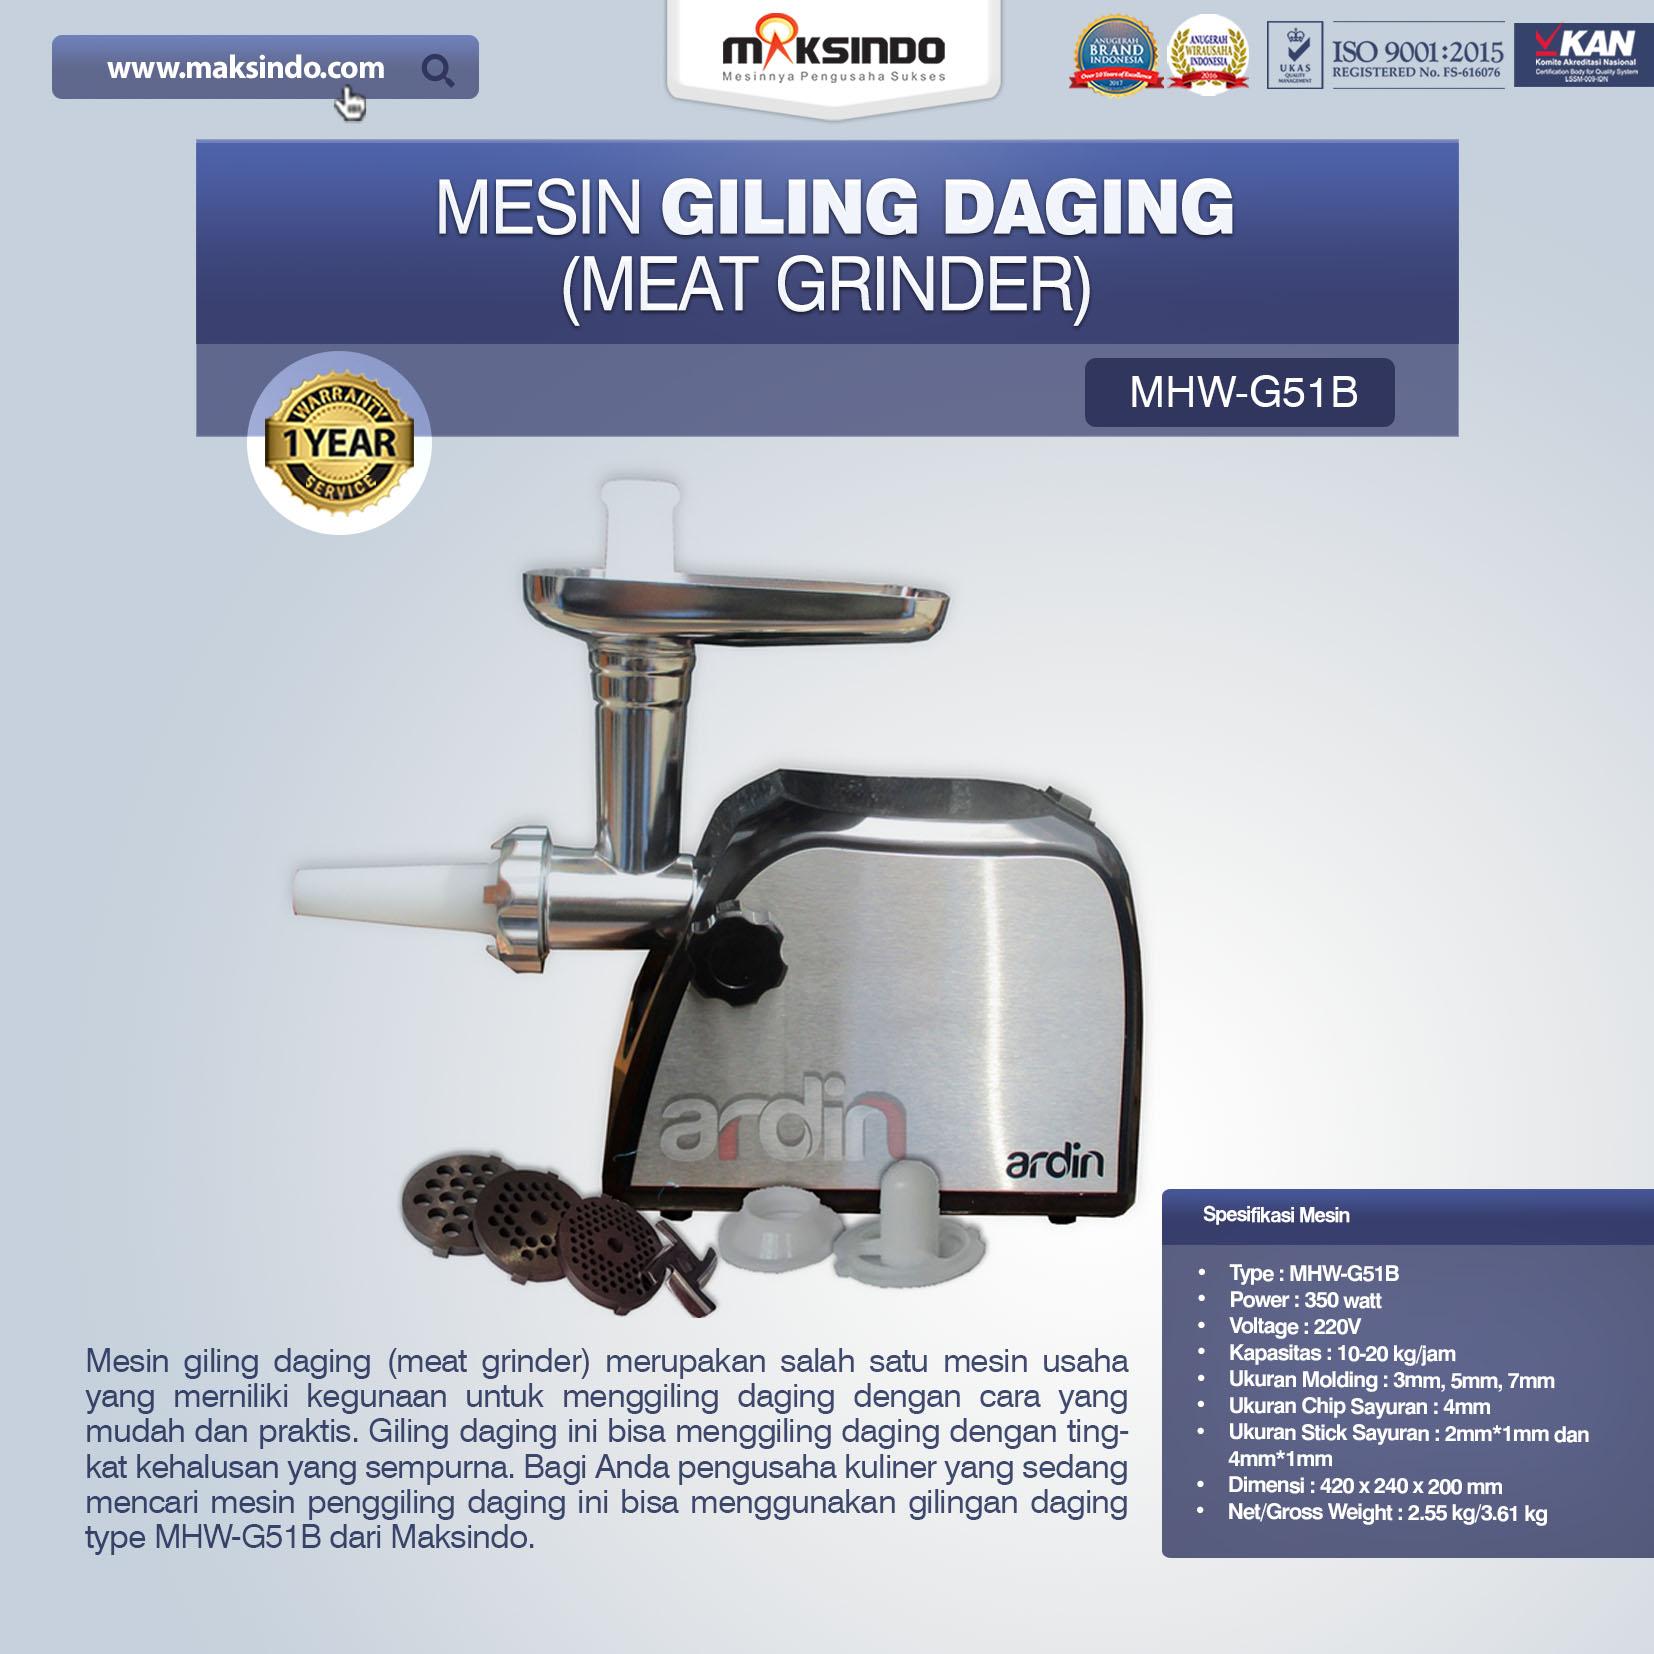 Jual Mesin Giling Daging (Meat Grinder) MHW-G51B di Pekanbaru